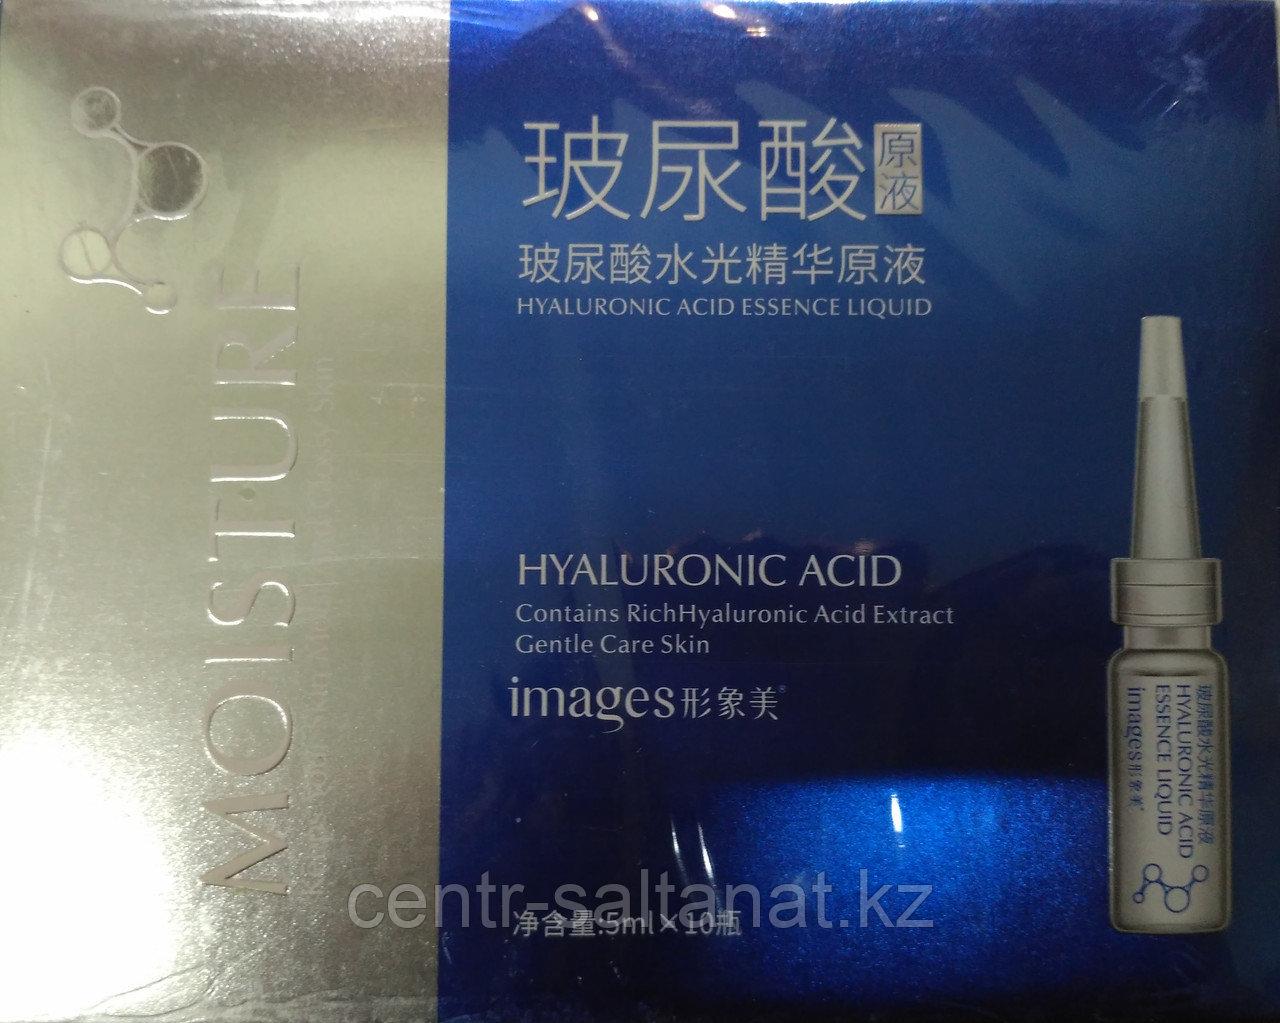 Сыворотка омолаживающая с гиалуроновой кислотой 50 ml